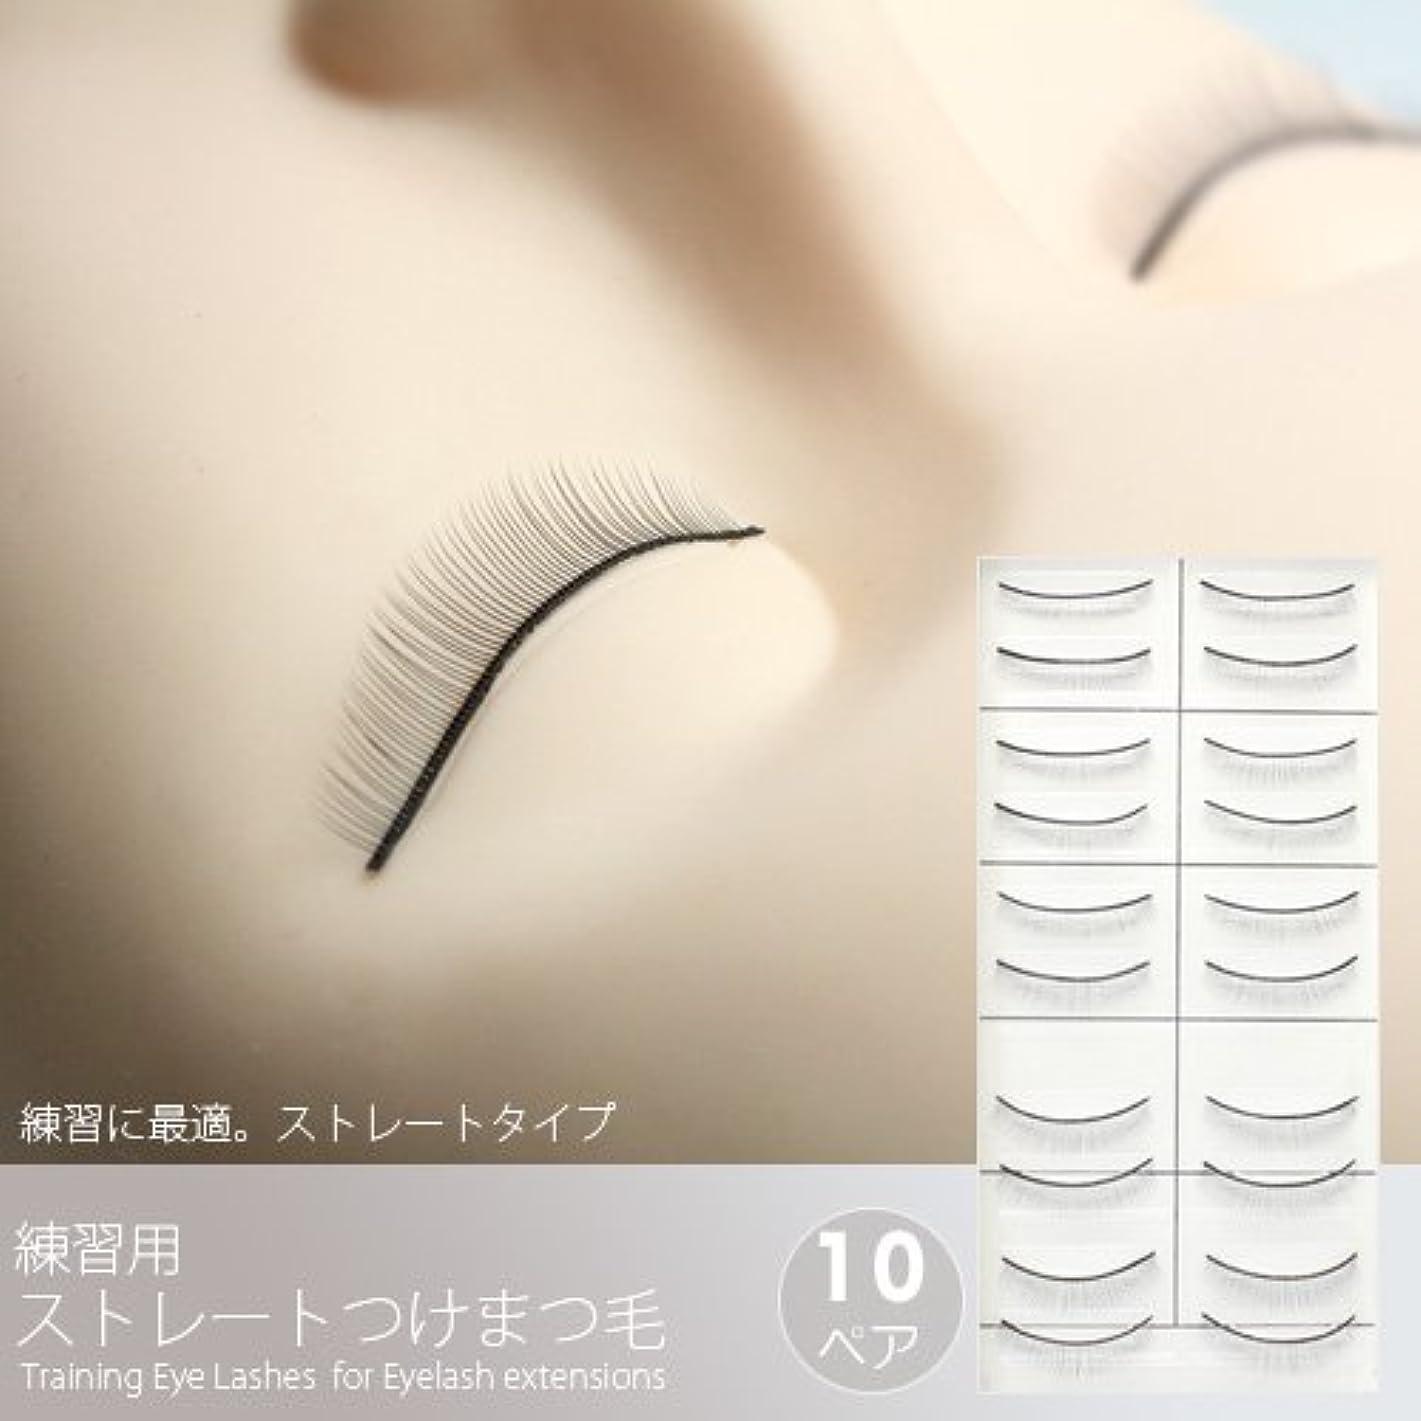 悪意クアッガおなじみの練習用ストレートつけまつげ(10ペア)[Training Eye Lashes ]/まつ毛エクステ商材